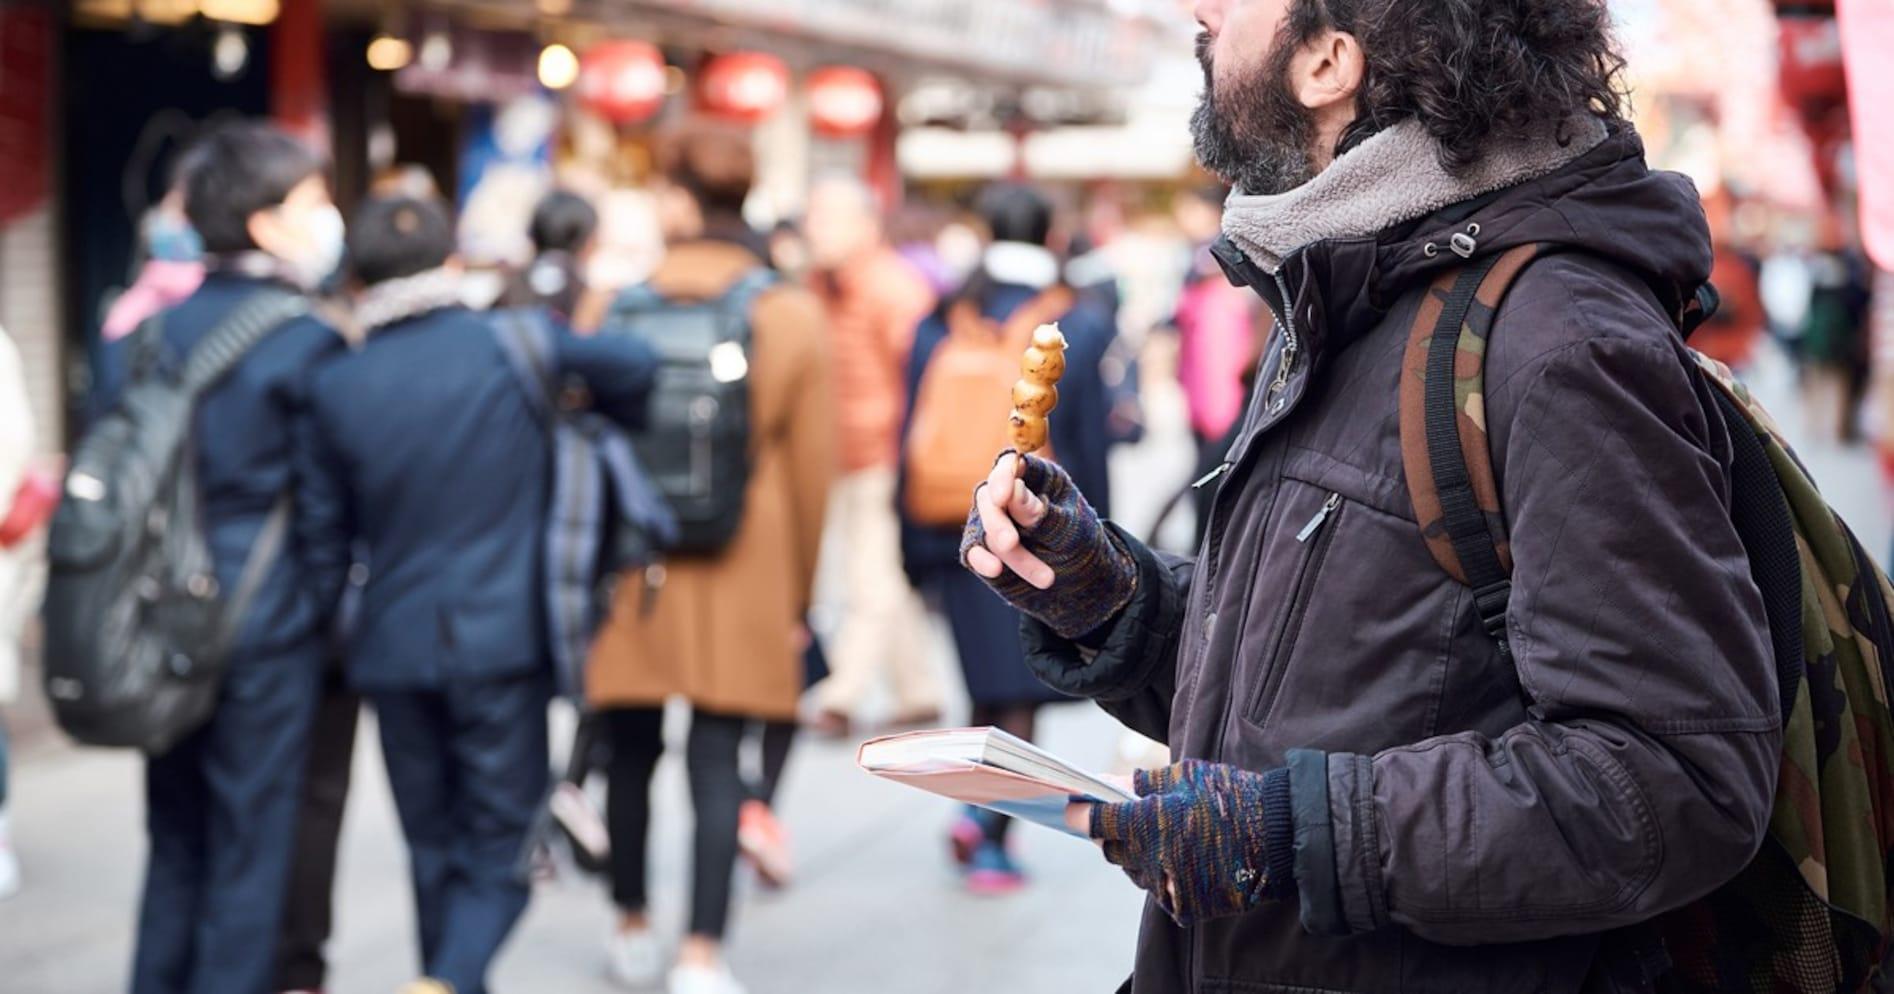 【SNSで話題】観光客のマナー問題で「歩き食べ」禁止の動きに、食の専門家が厳しい意見